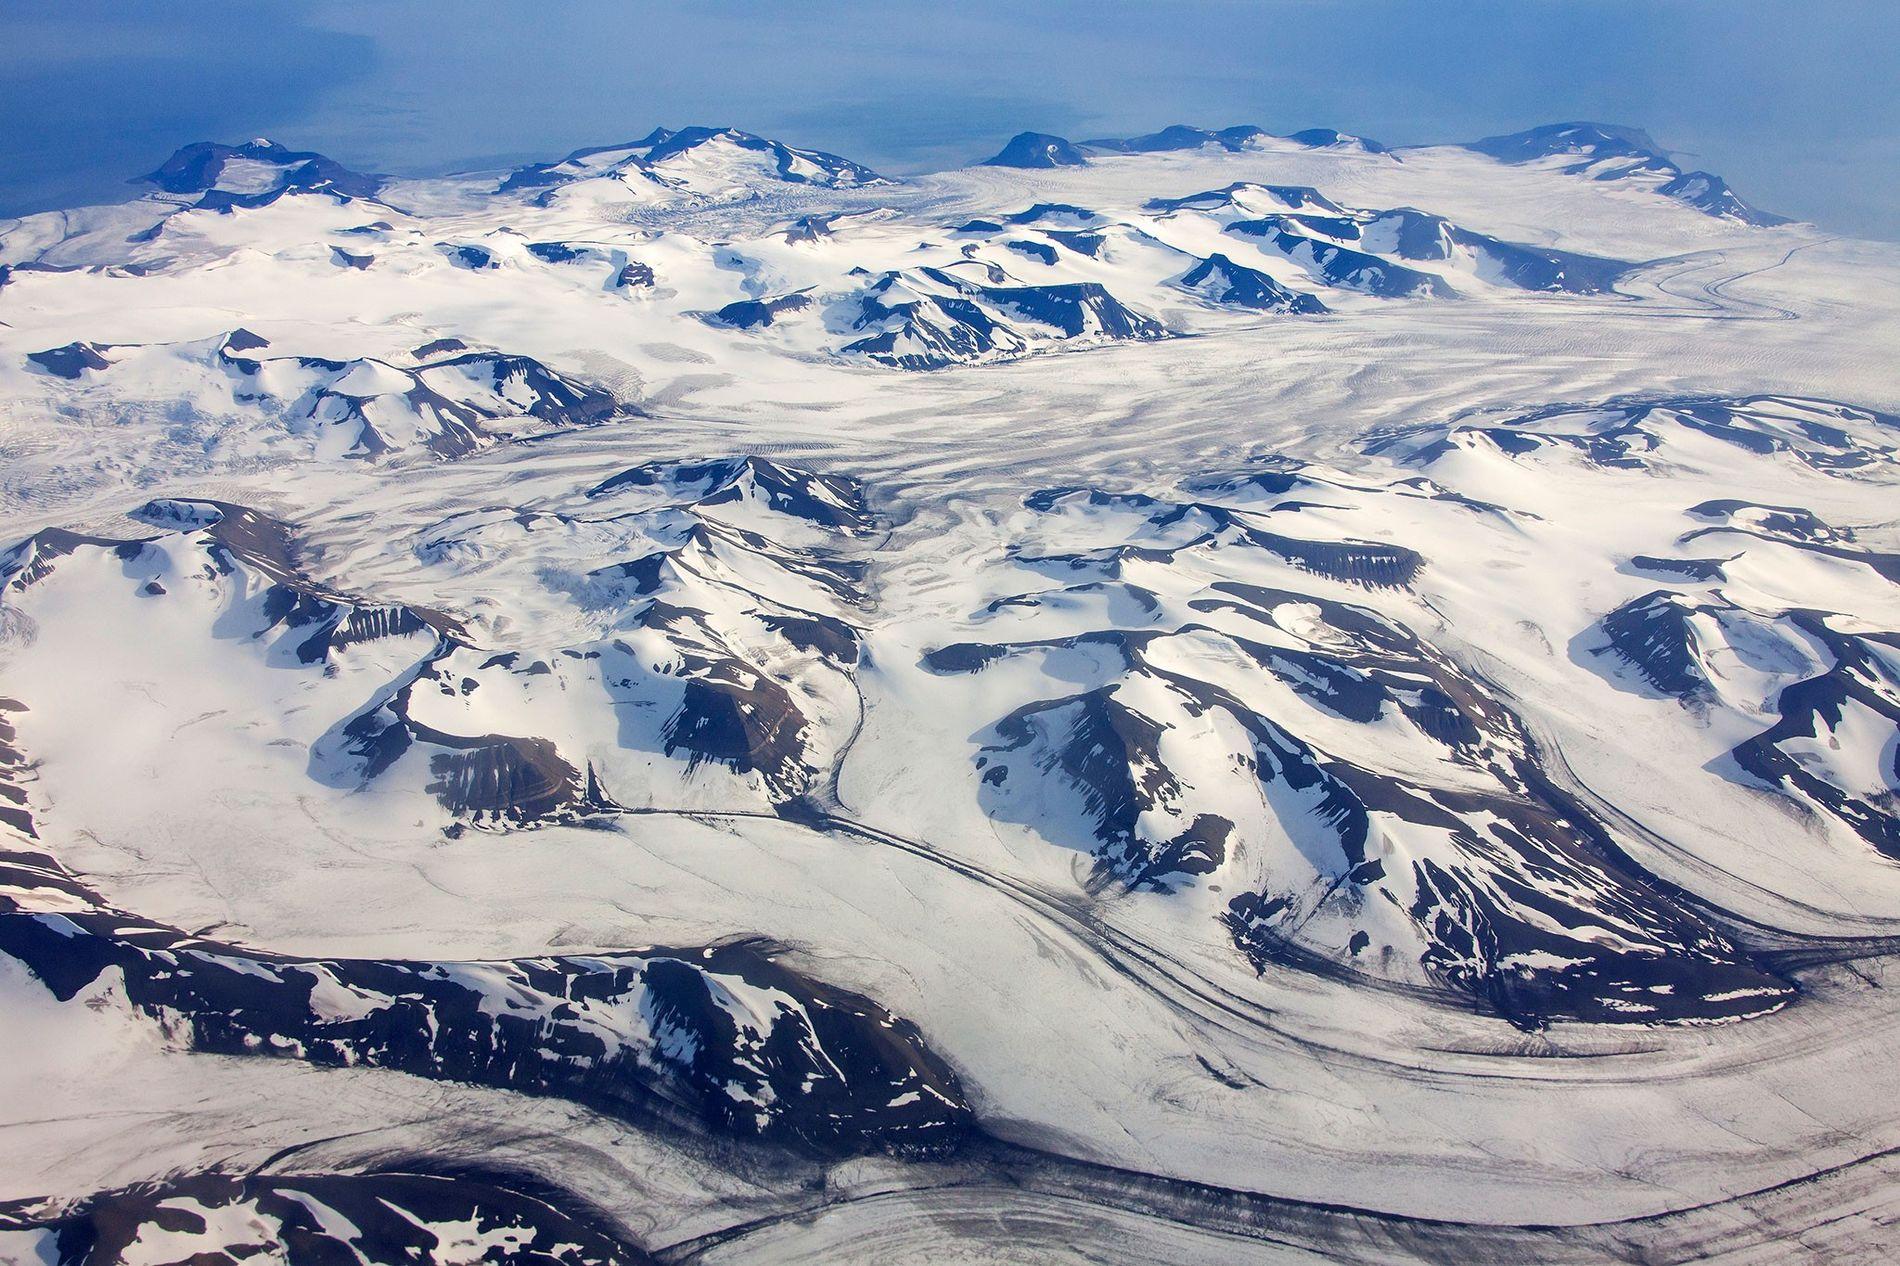 Esta es una vista aérea de un montañoso paisaje de glaciares en Noruega que podría contener ...